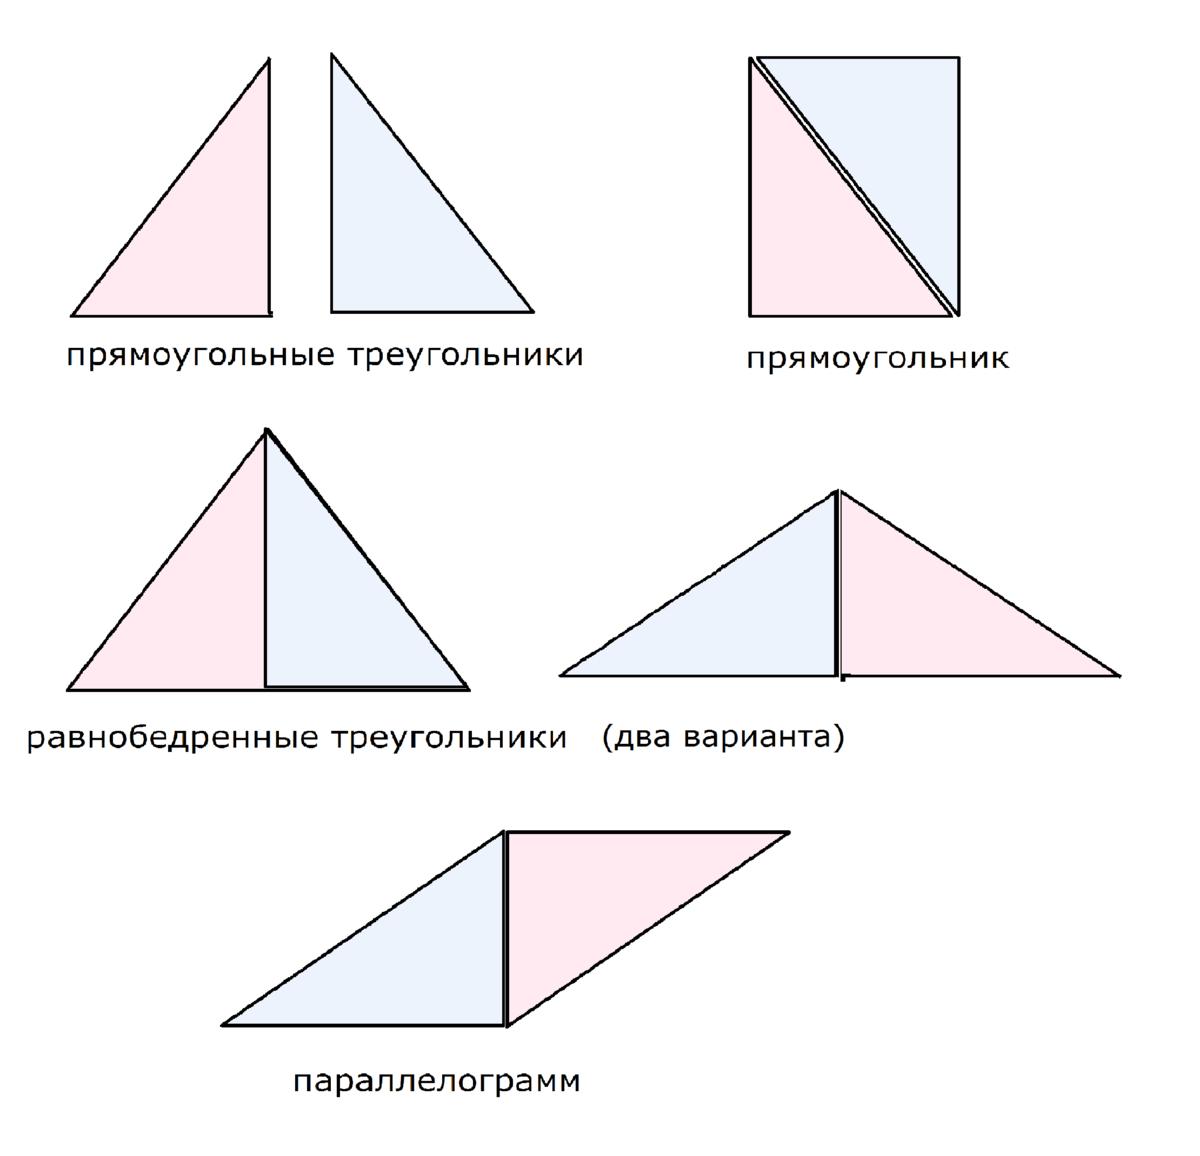 Как из прямоугольника сделать треугольник фото 344